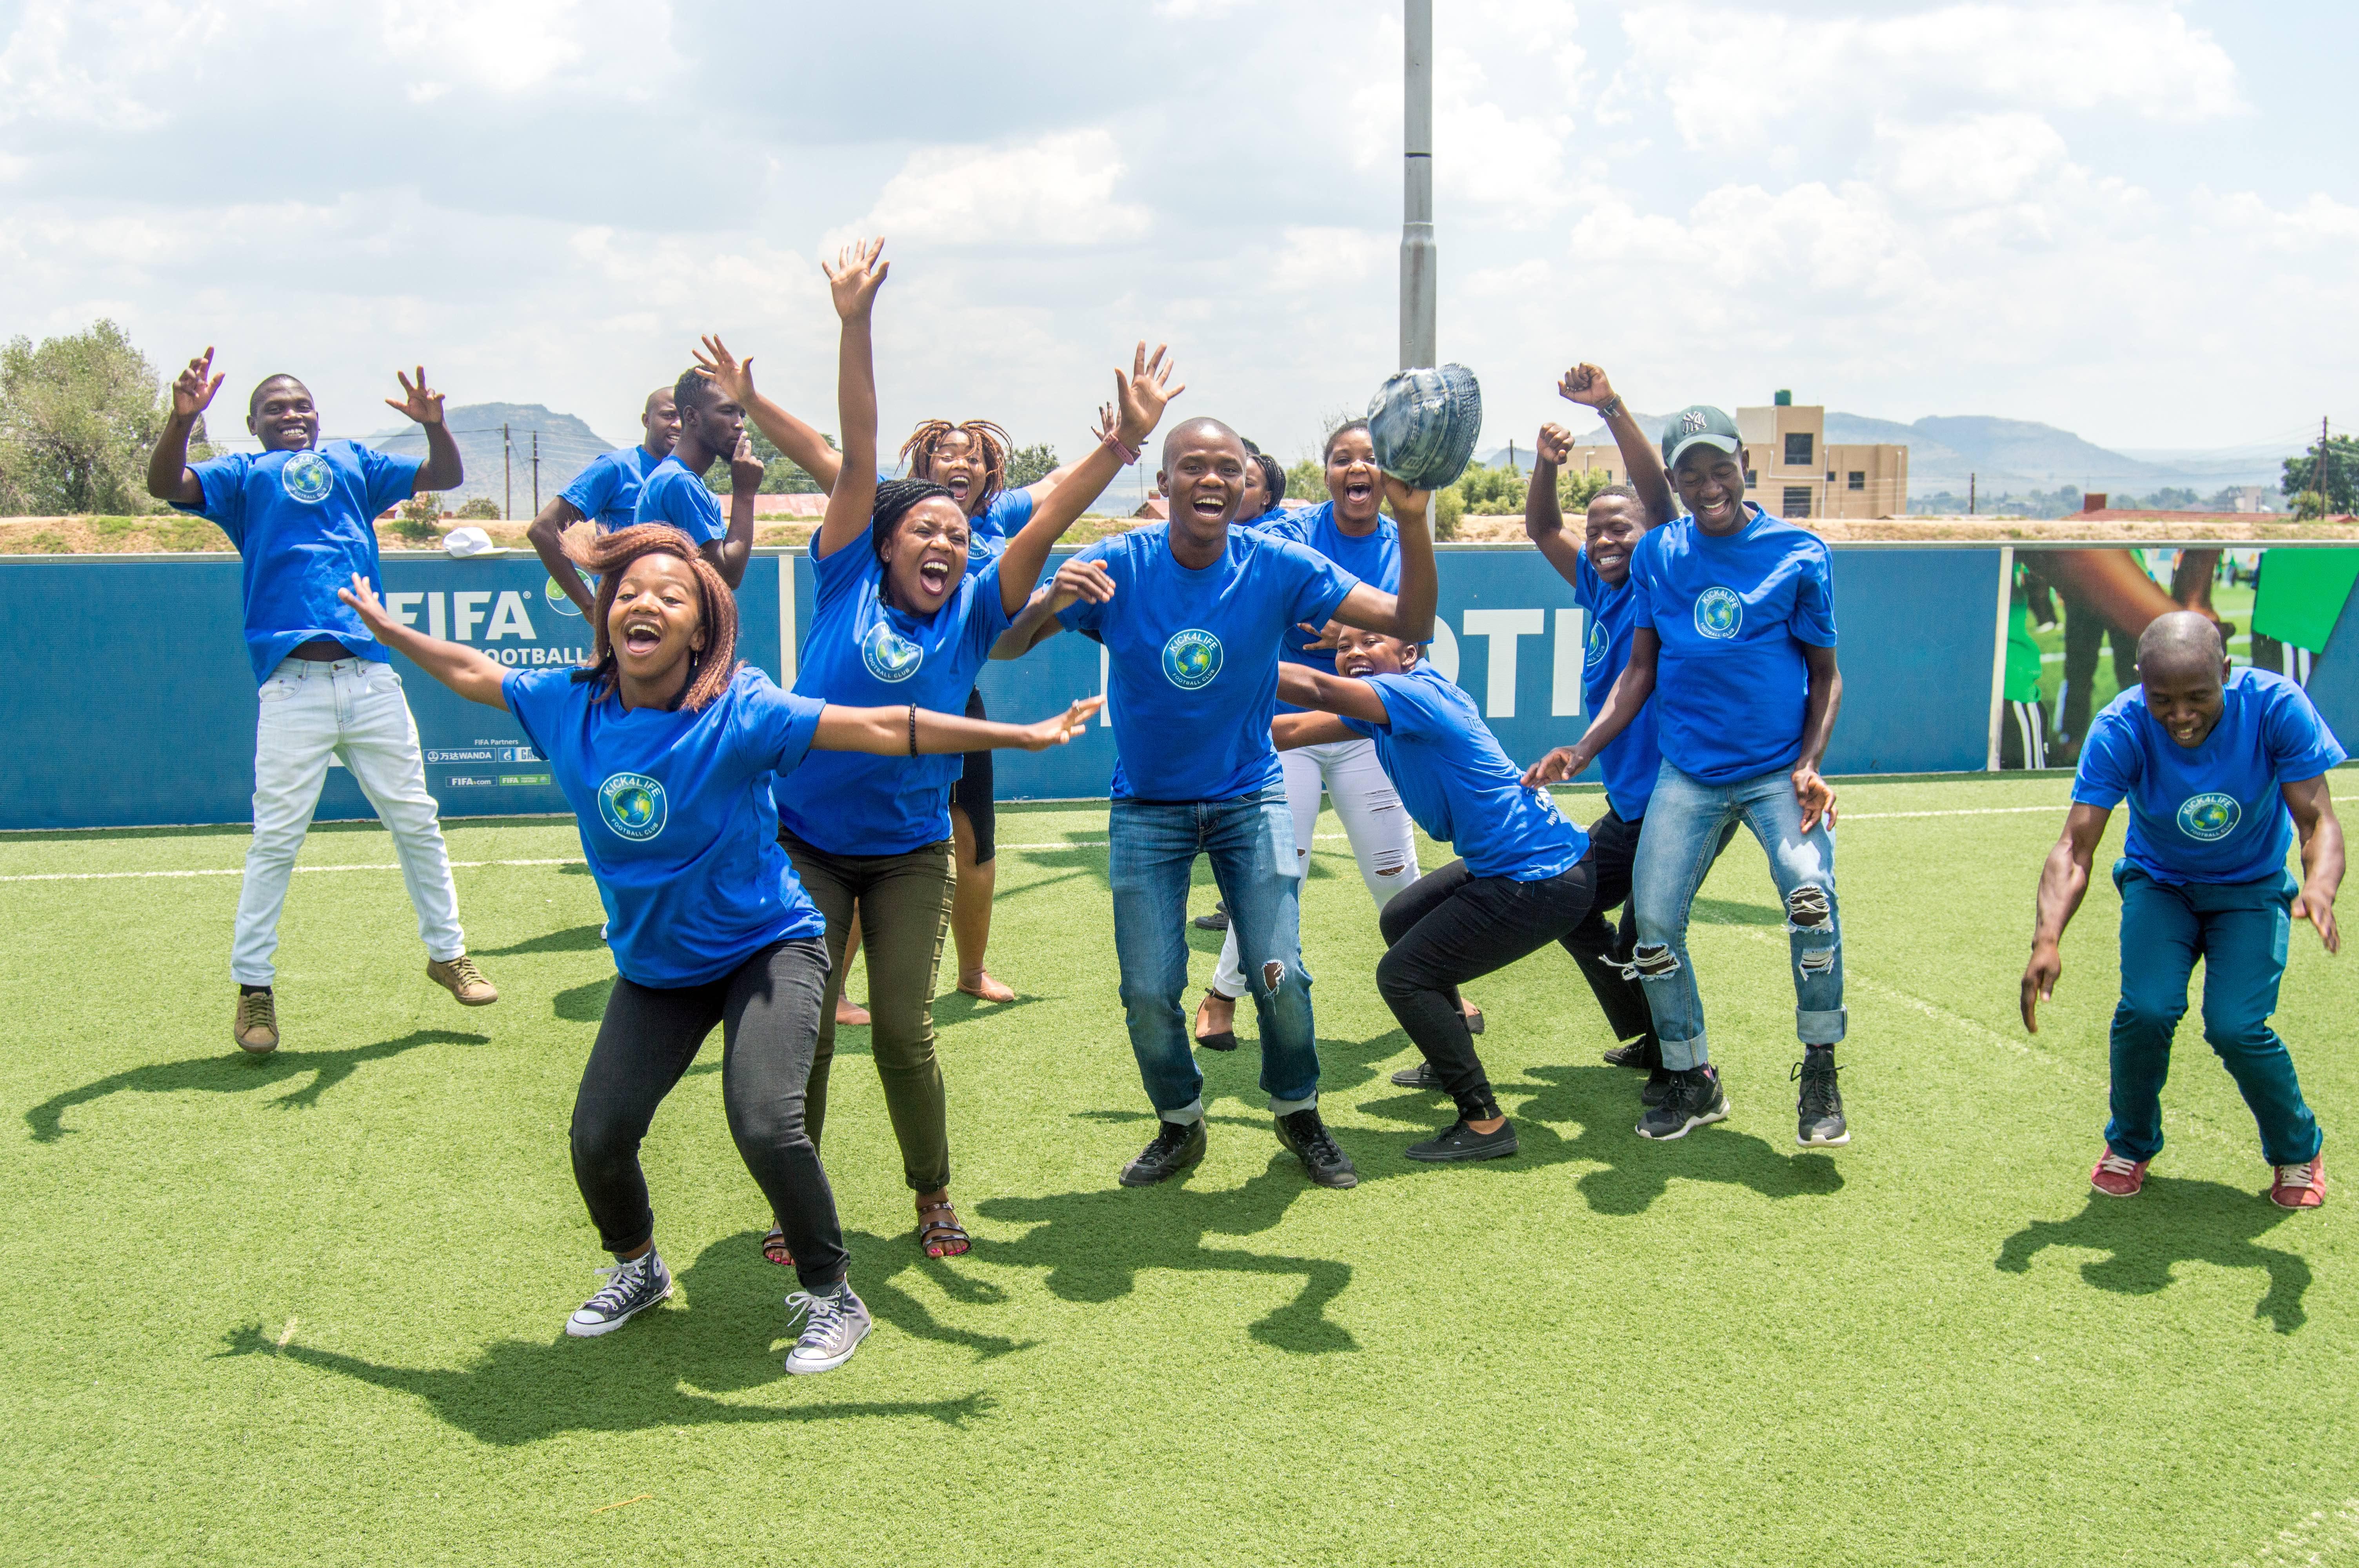 Fomentar la colaboración de equipo sin distinción de sexos es un aprendizaje que estos jóvenes llevan luego a sus casas y familias, transformando su sociedad.